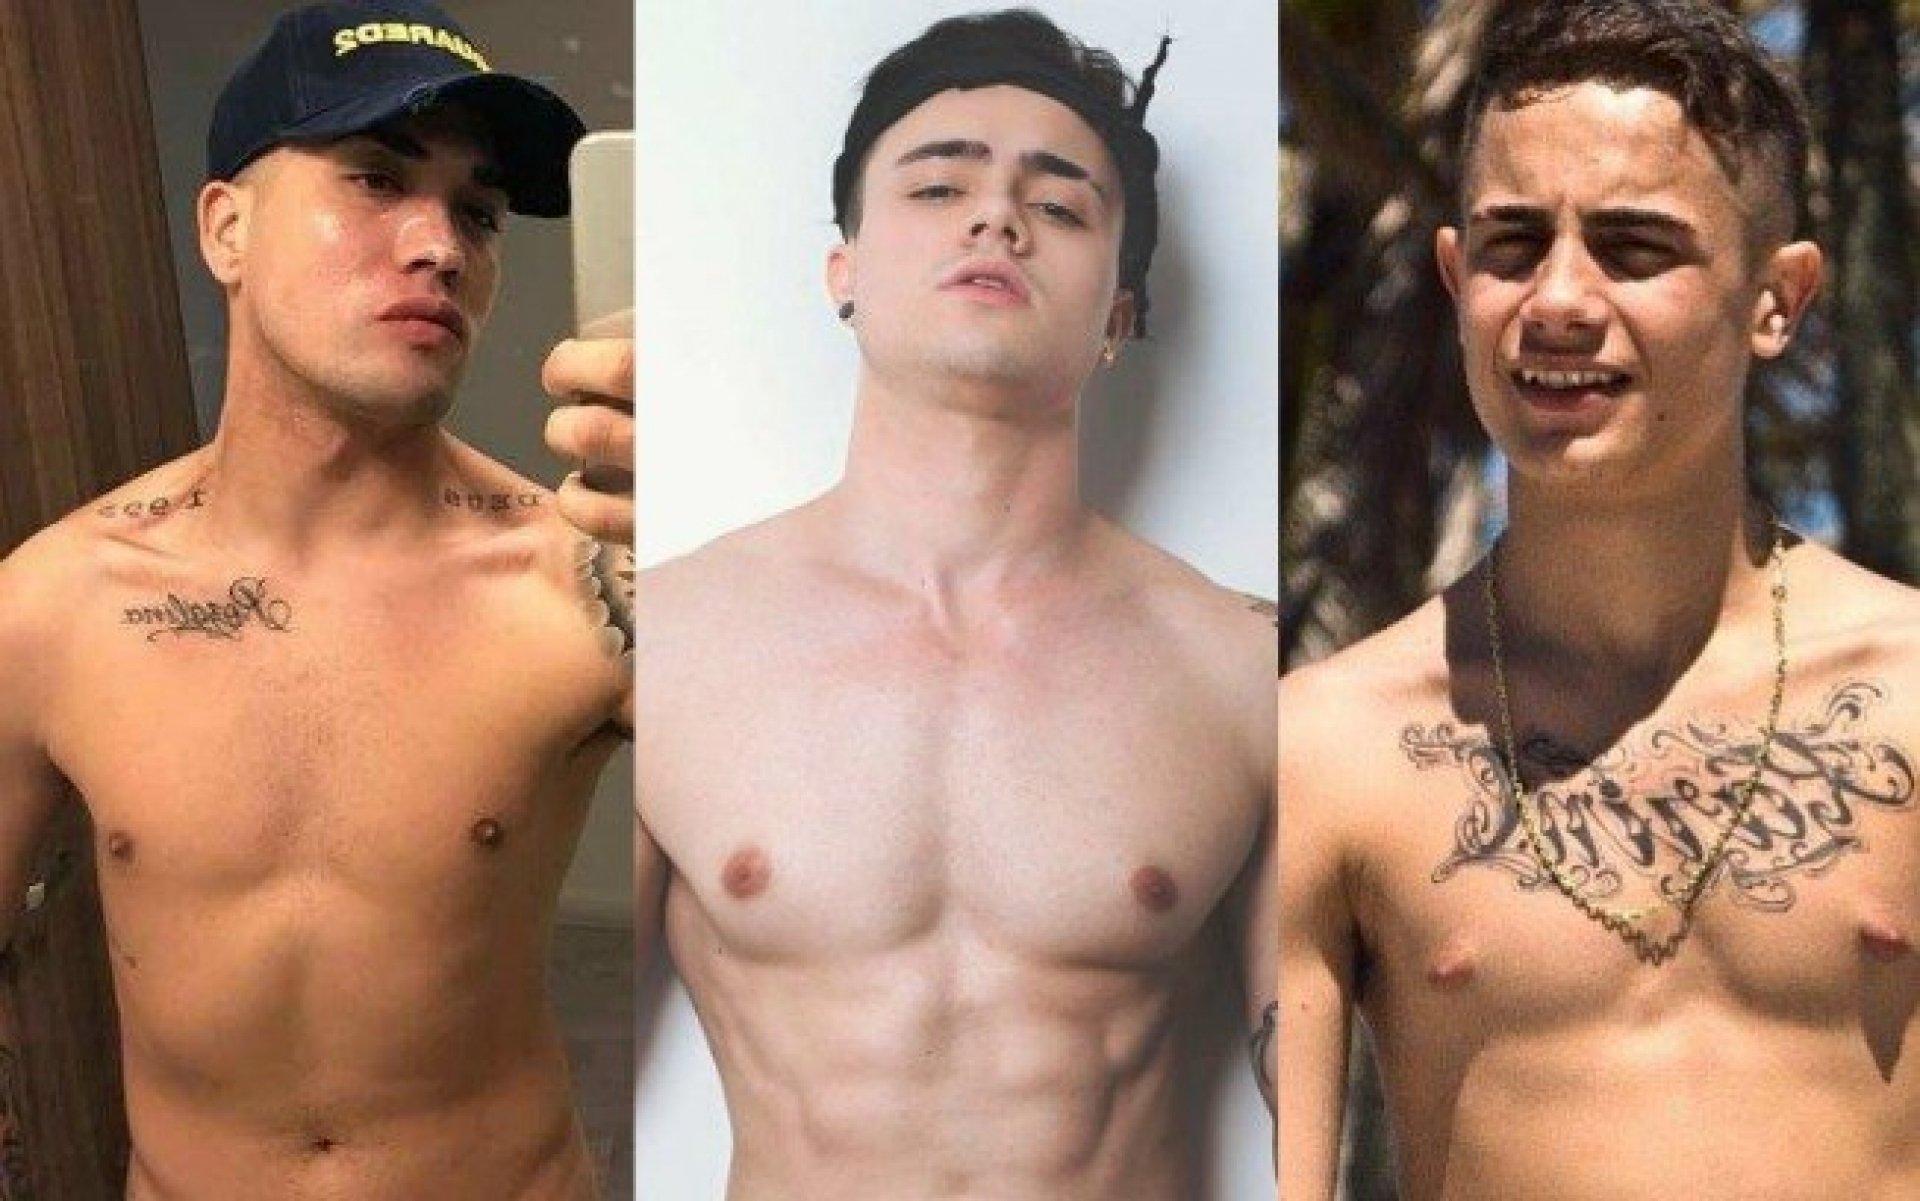 Lembre Outros Casos De Funkeiros Que Tiveram Nudes Vazados Mh Celebridades E Tv Enviadas por usuários (48 fotos). funkeiros que tiveram nudes vazados